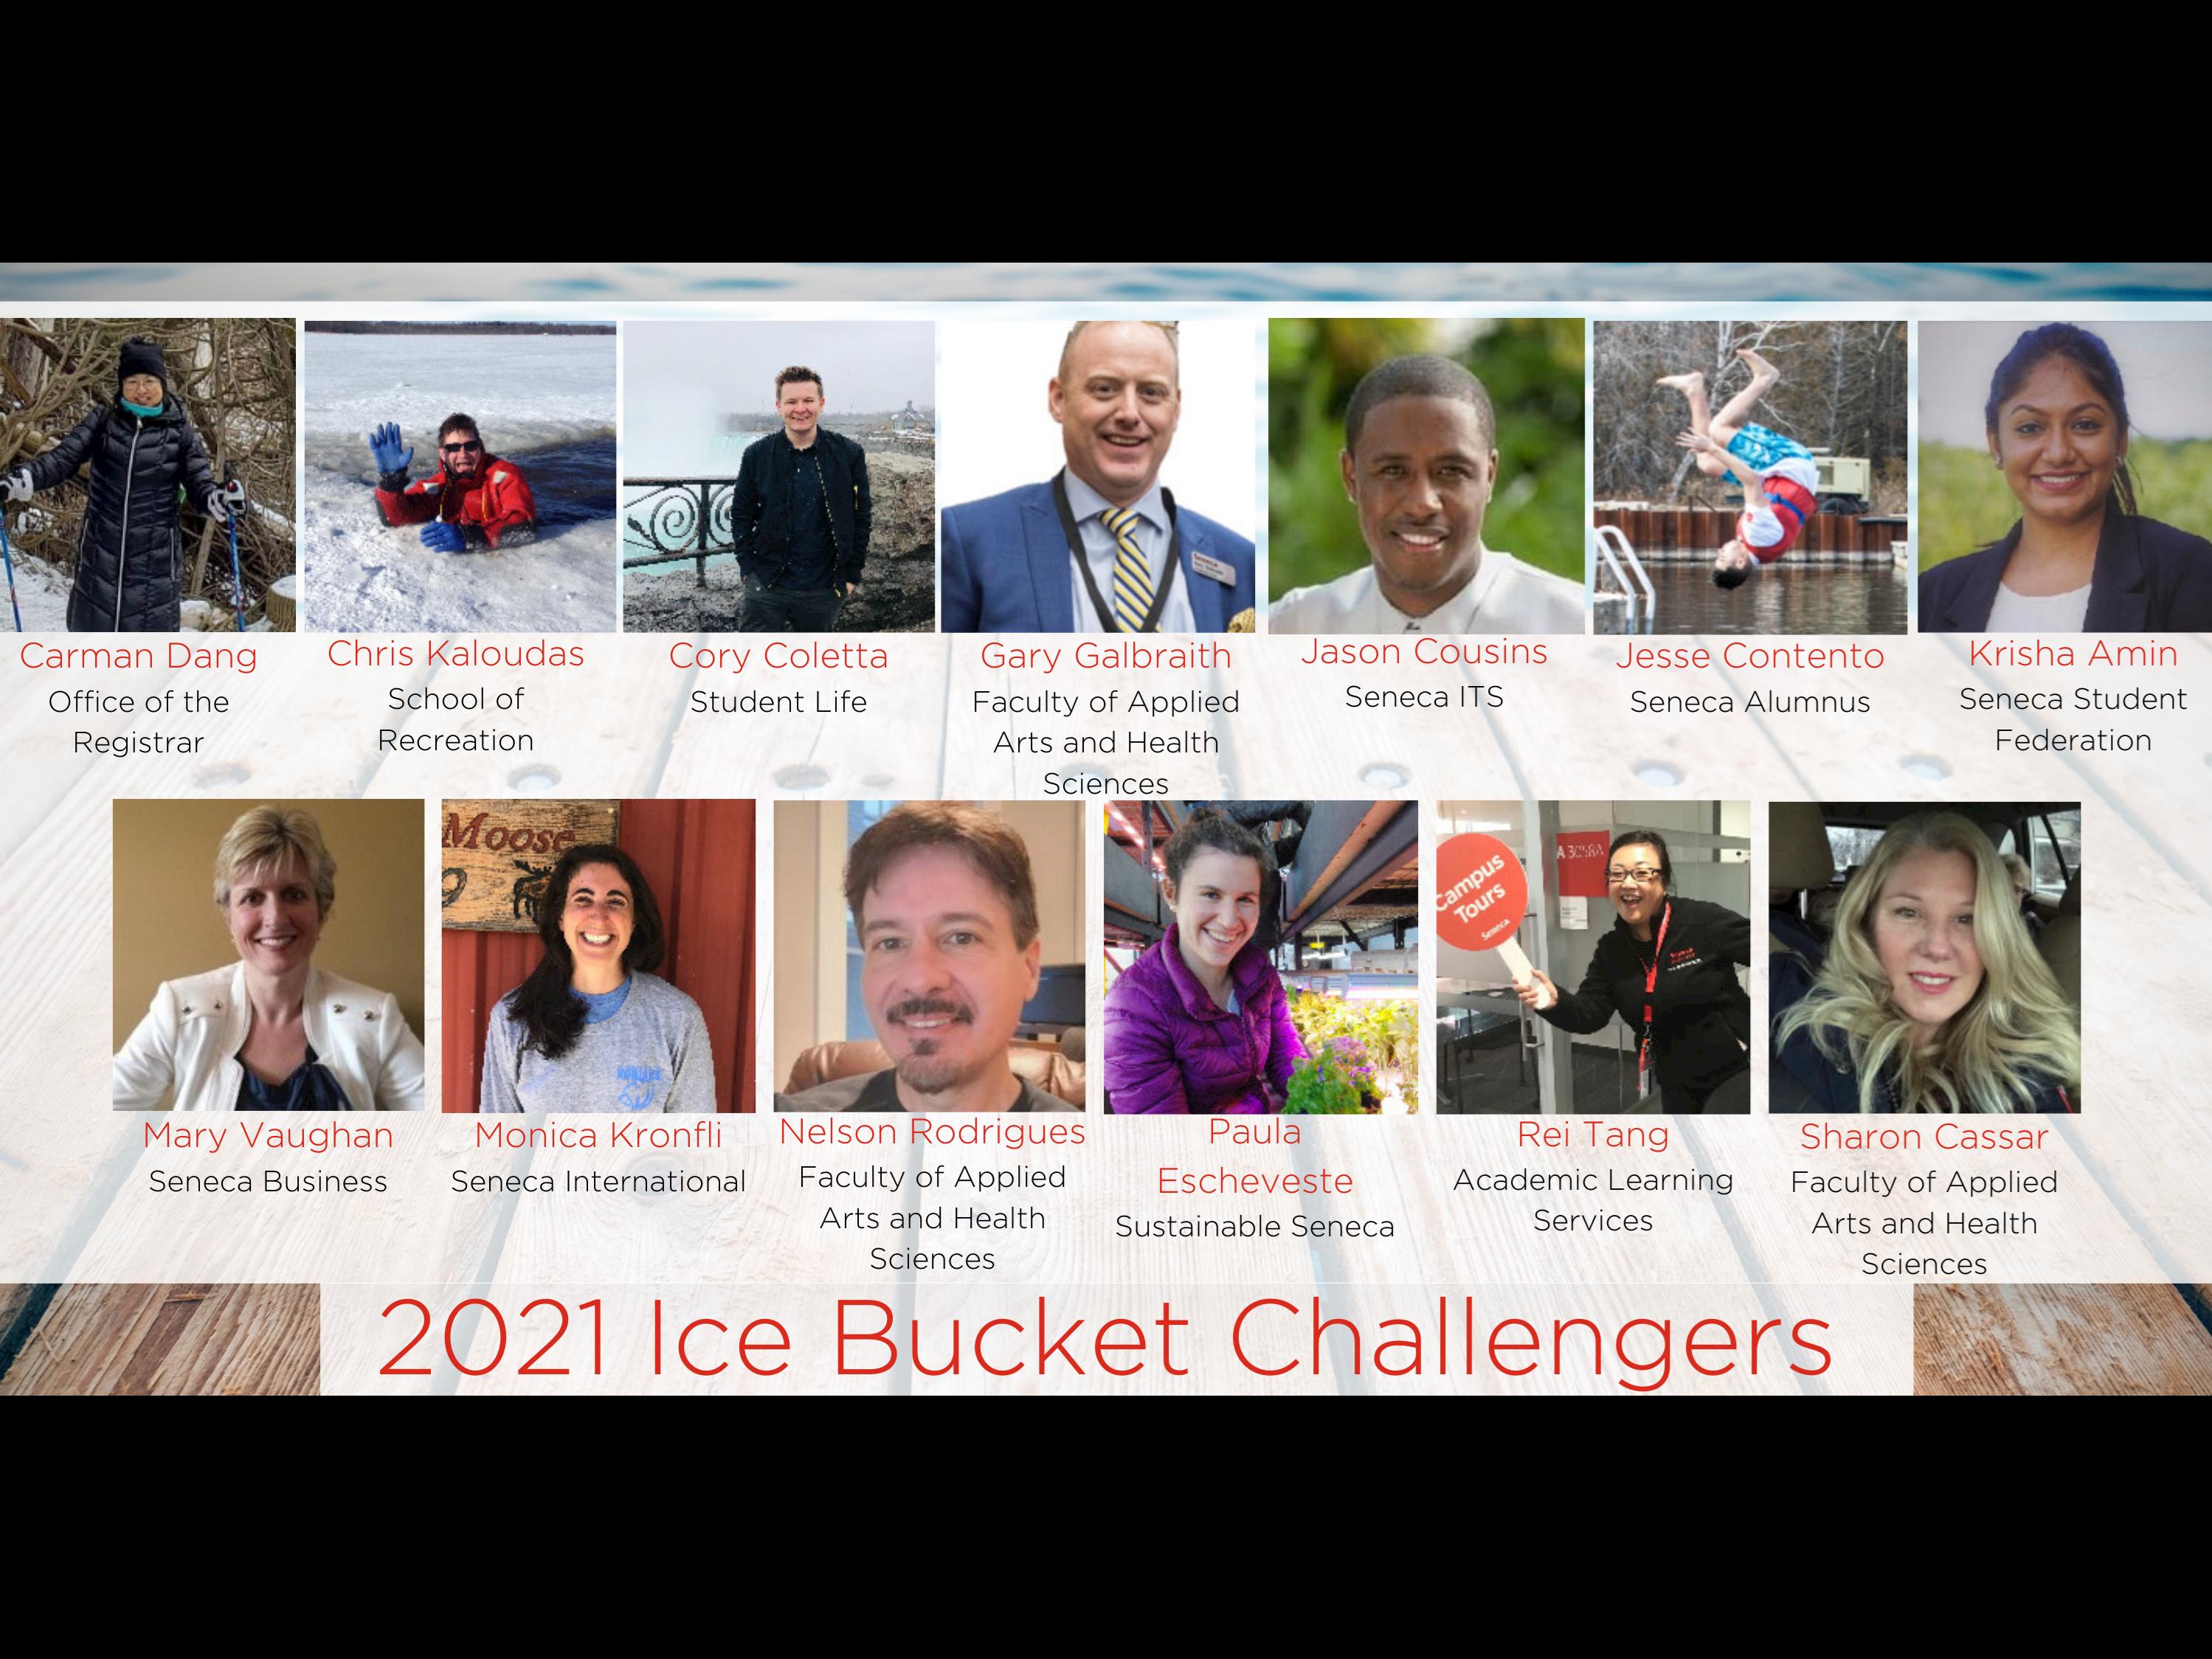 2021 Ice Bucket Challenge